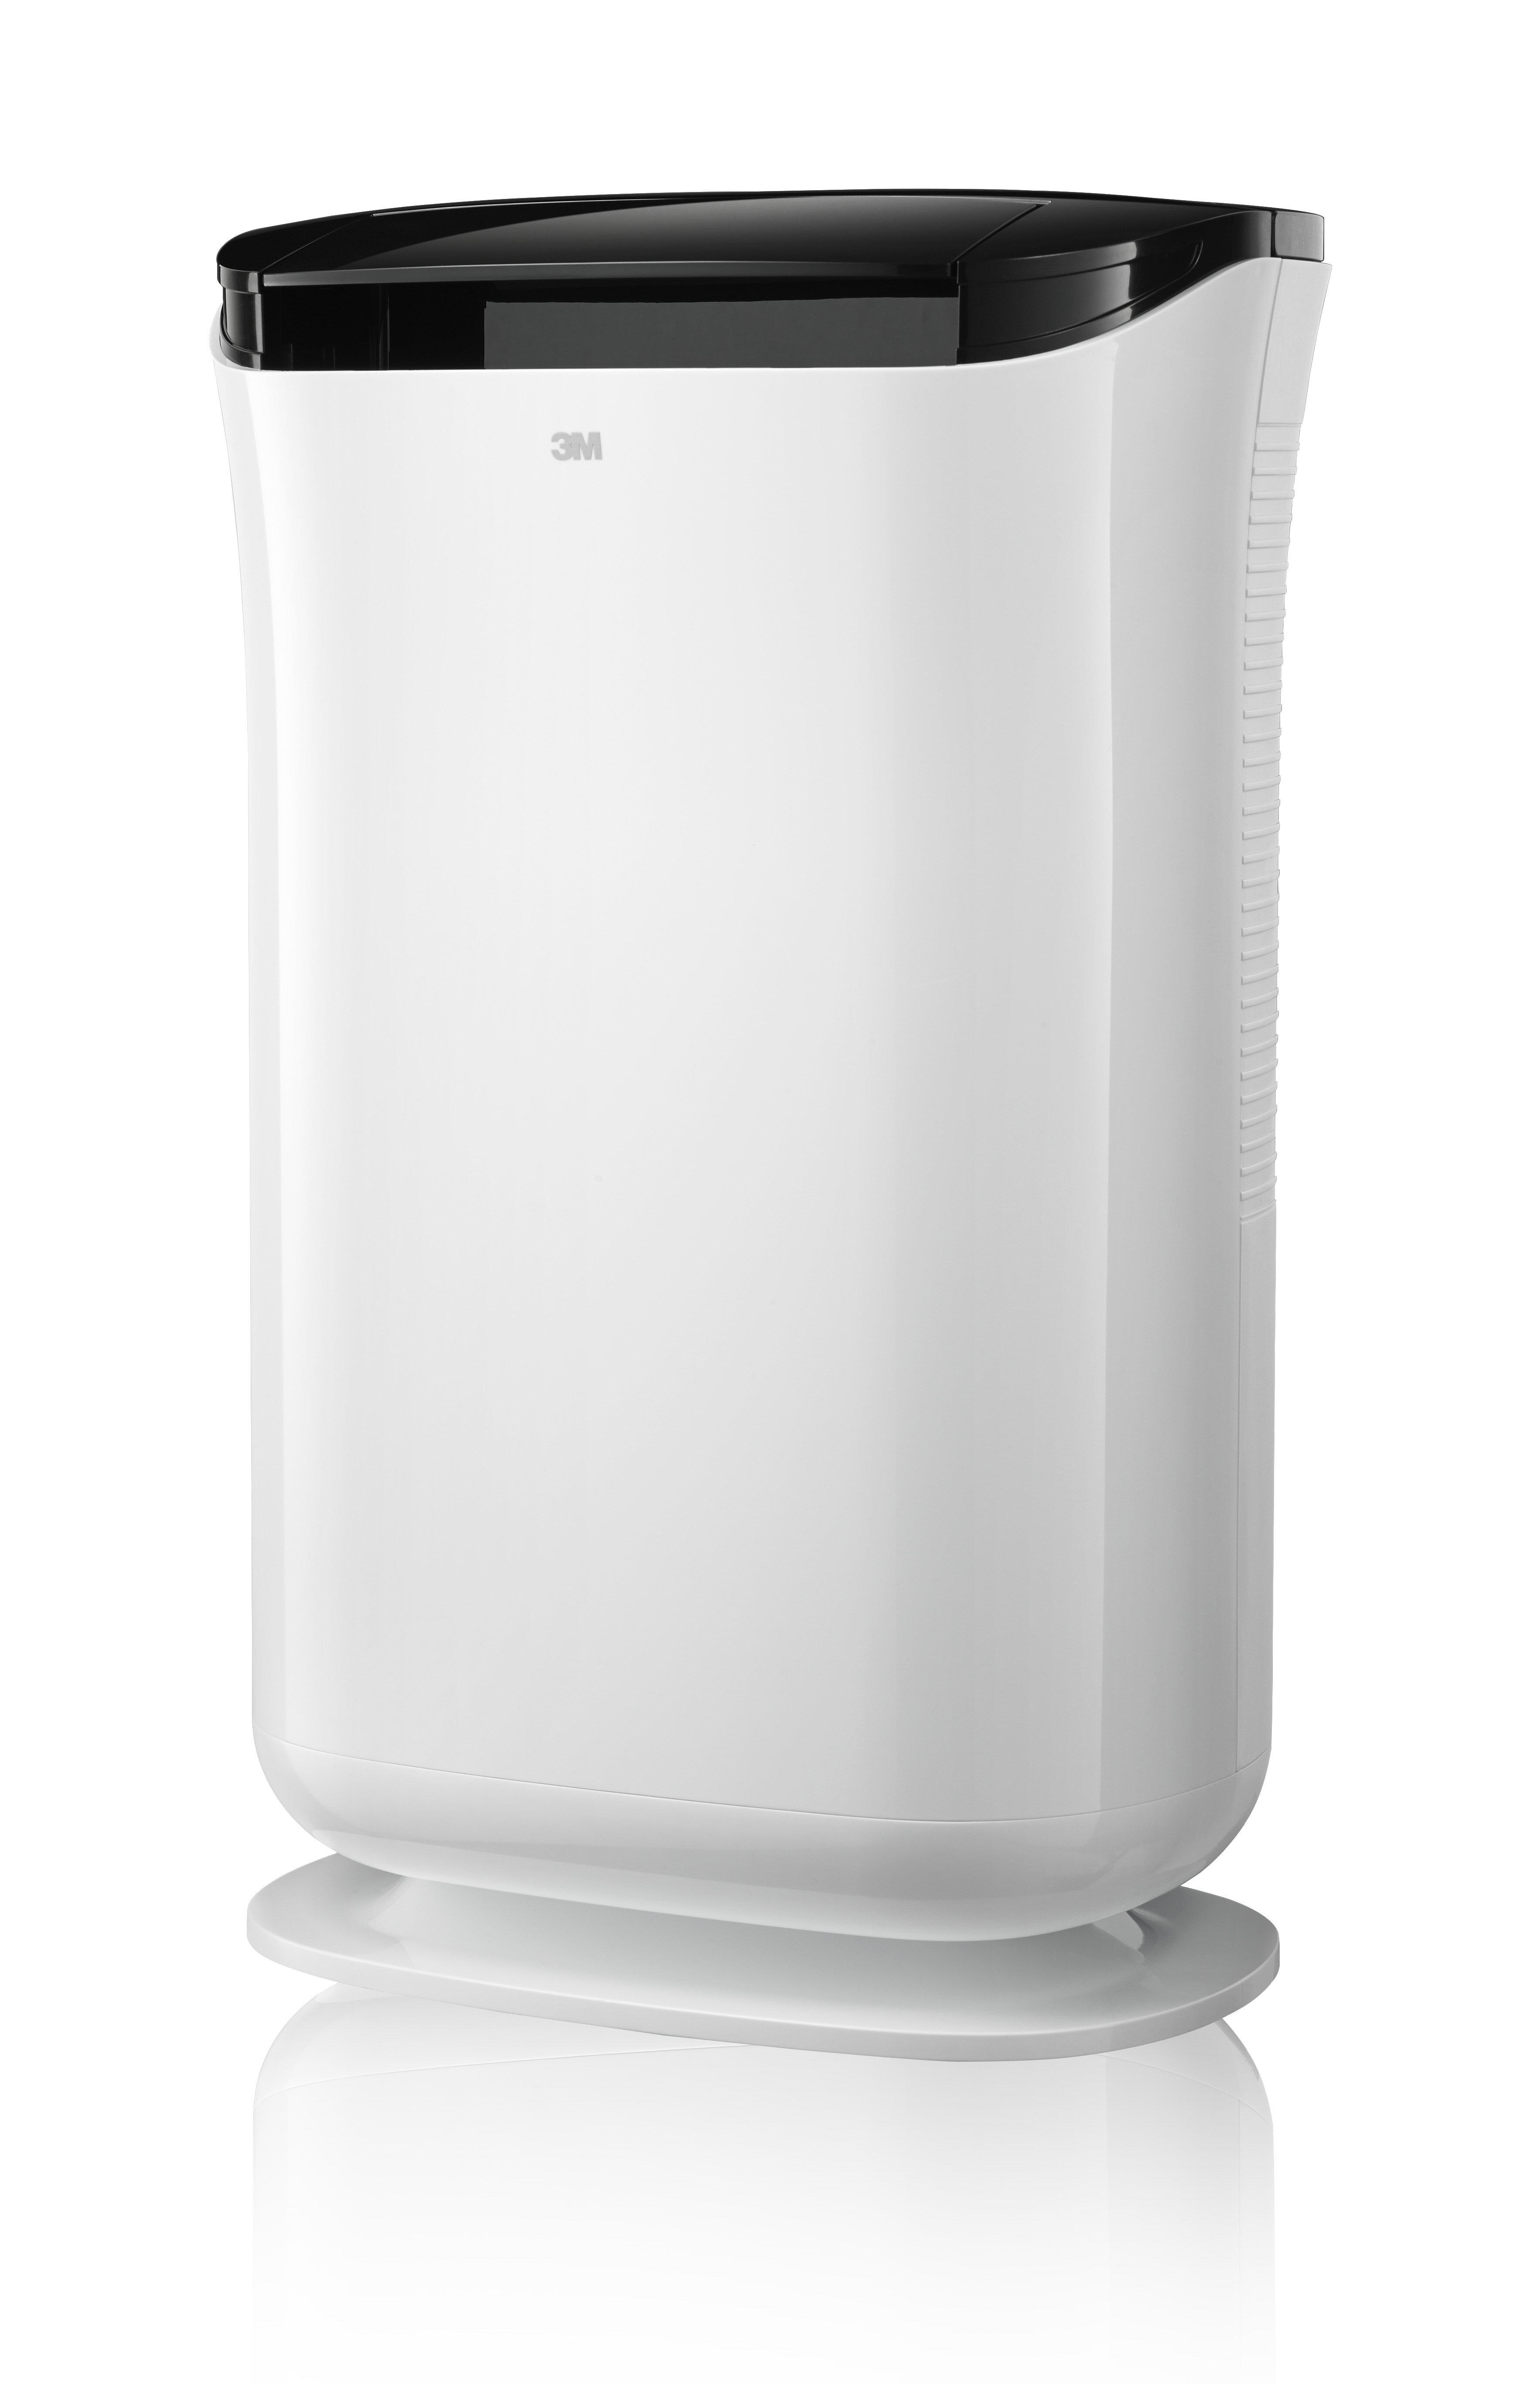 <br/><br/>  3M 除濕輪式空氣清淨除濕機 FD-A90W<br/><br/>